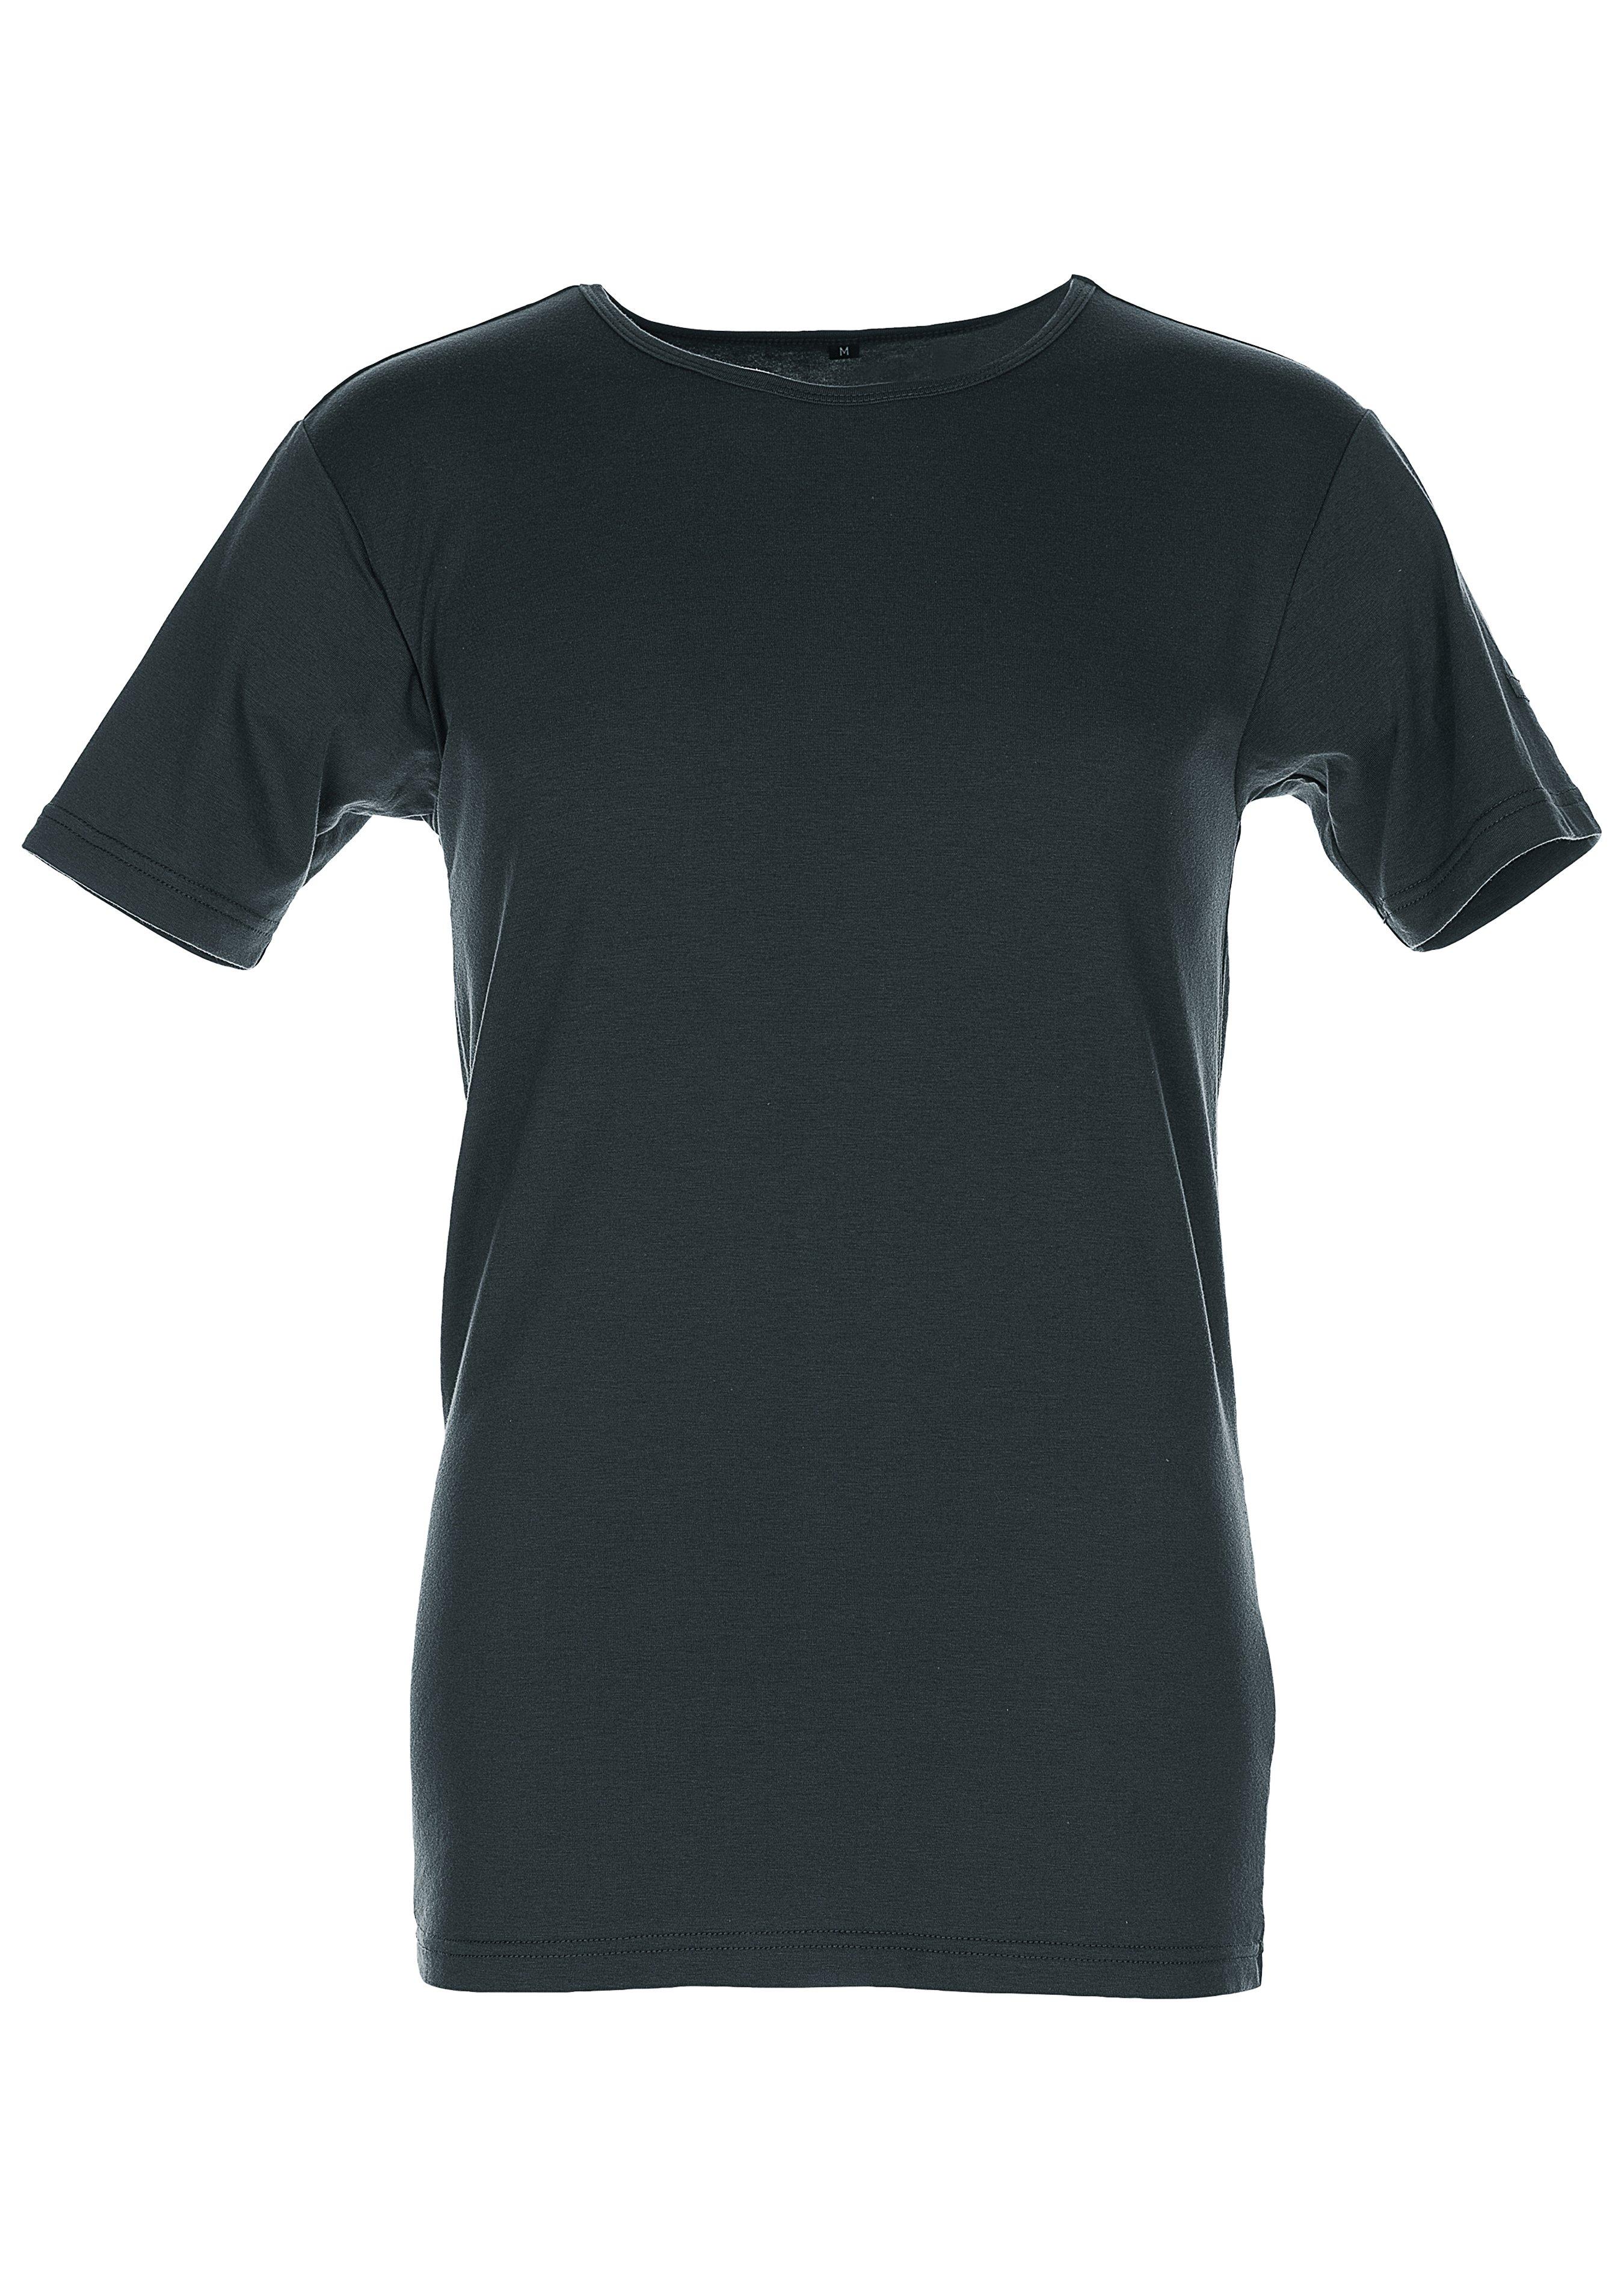 Shirt fonctionnel thermiques 221412L 1